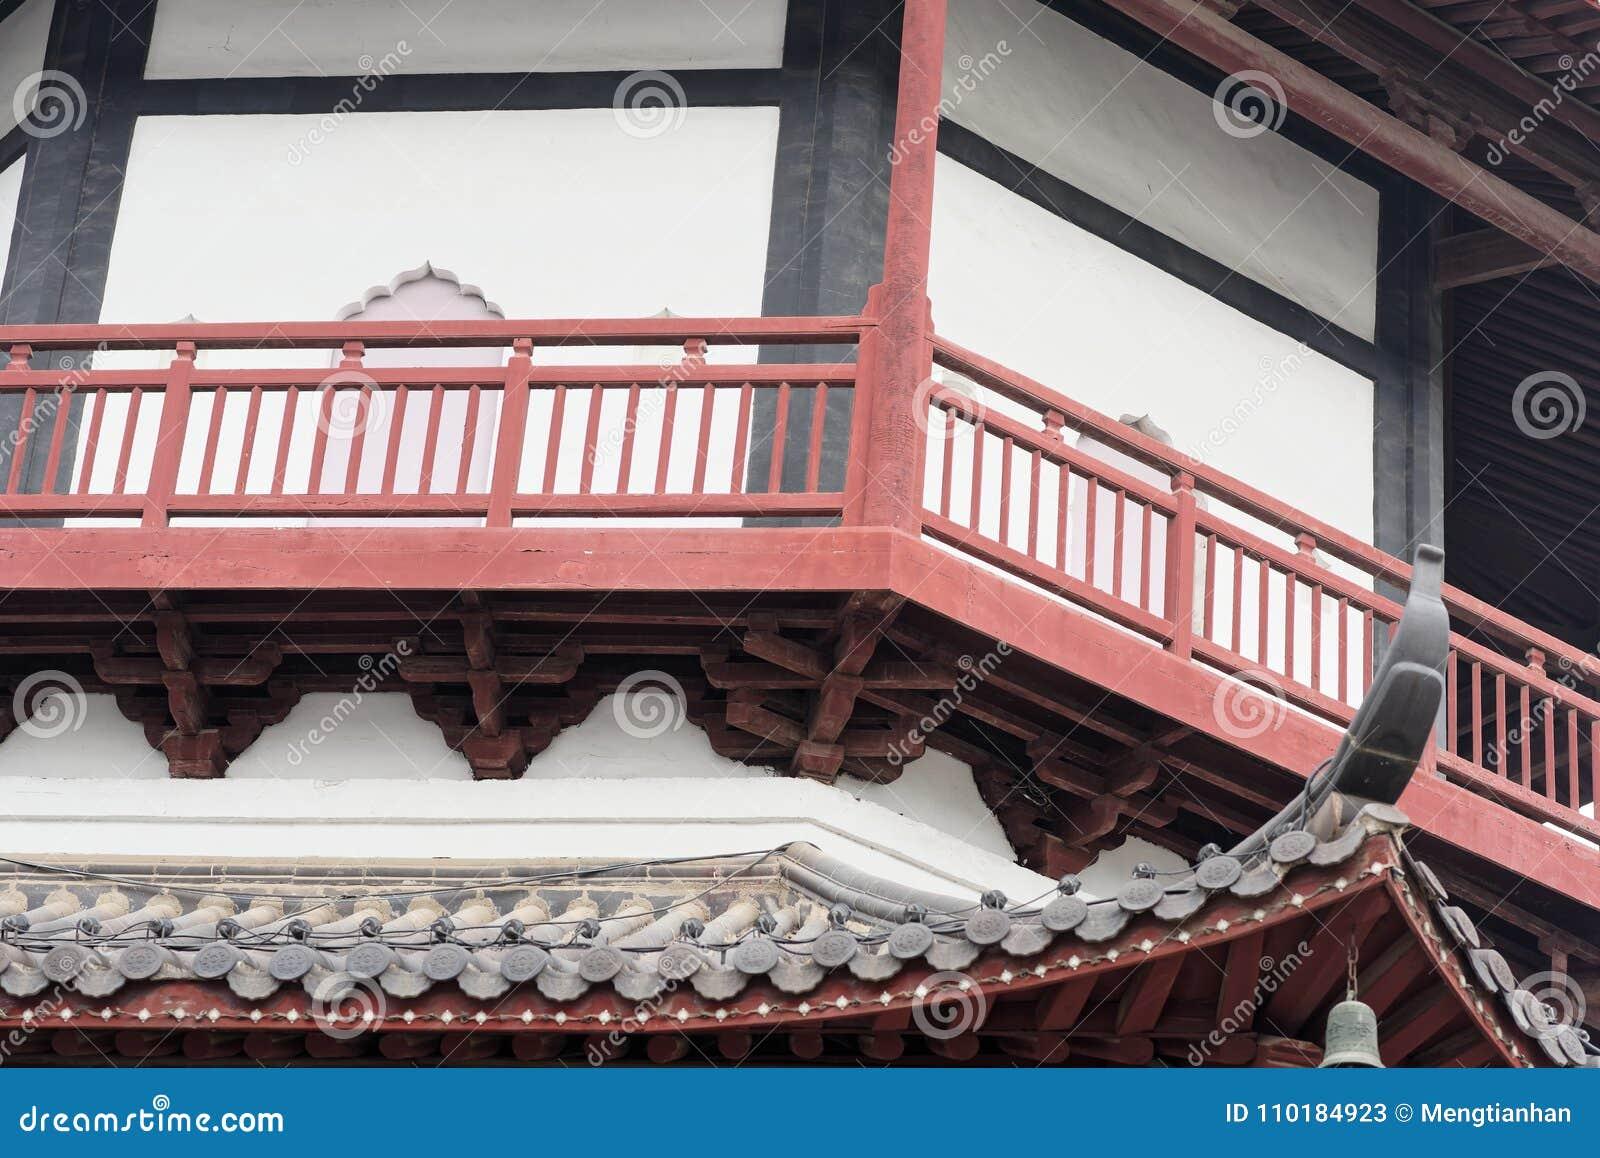 Het de stijlpaviljoen van de baksteentoren - de Chinese typische Shengjin toren van Jiangnan